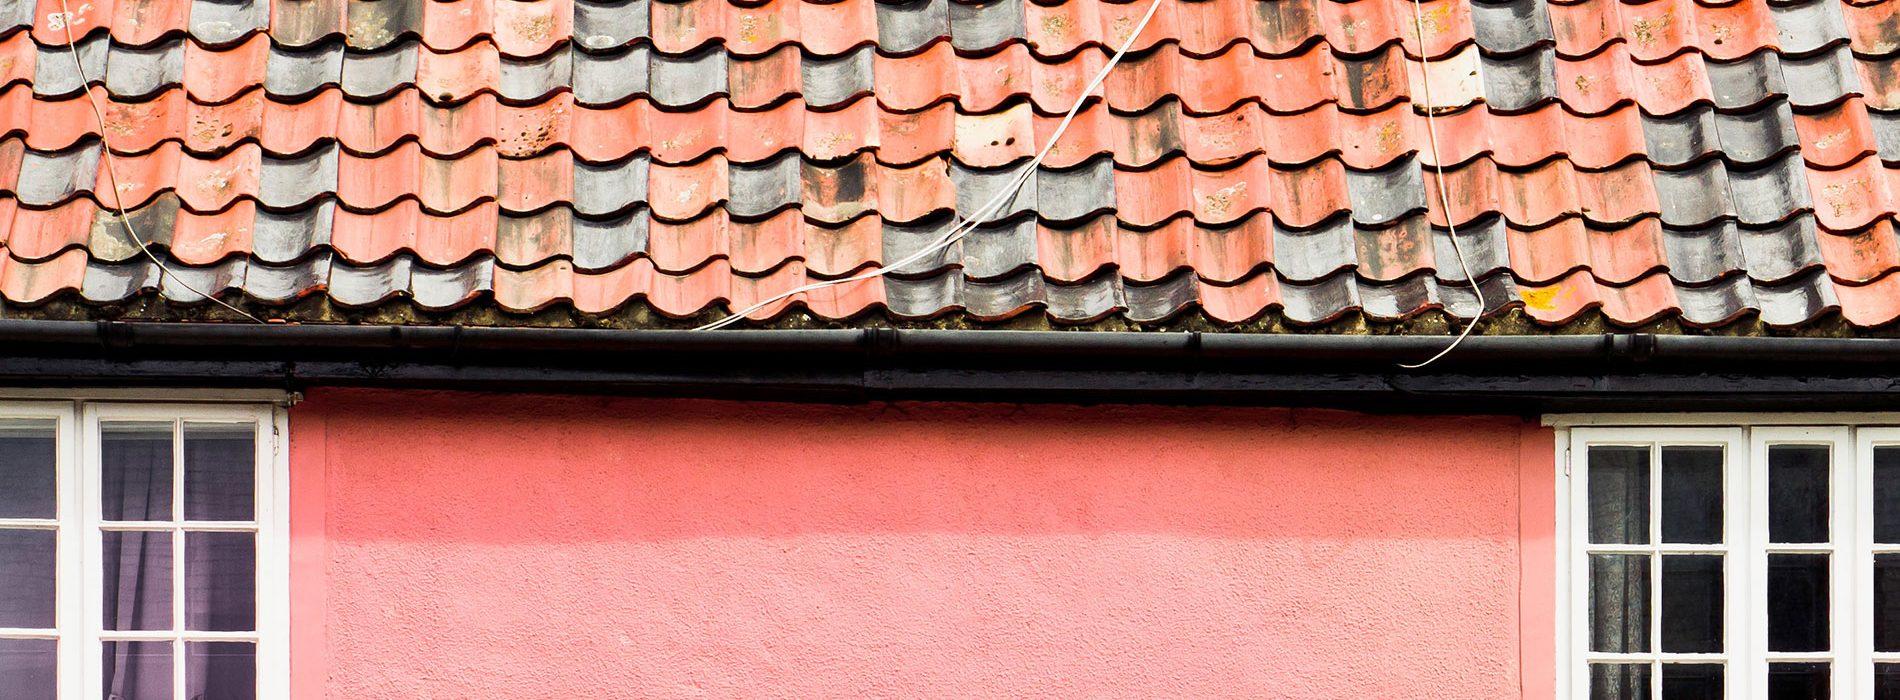 Dachwartung Dachreparatur Muenchen